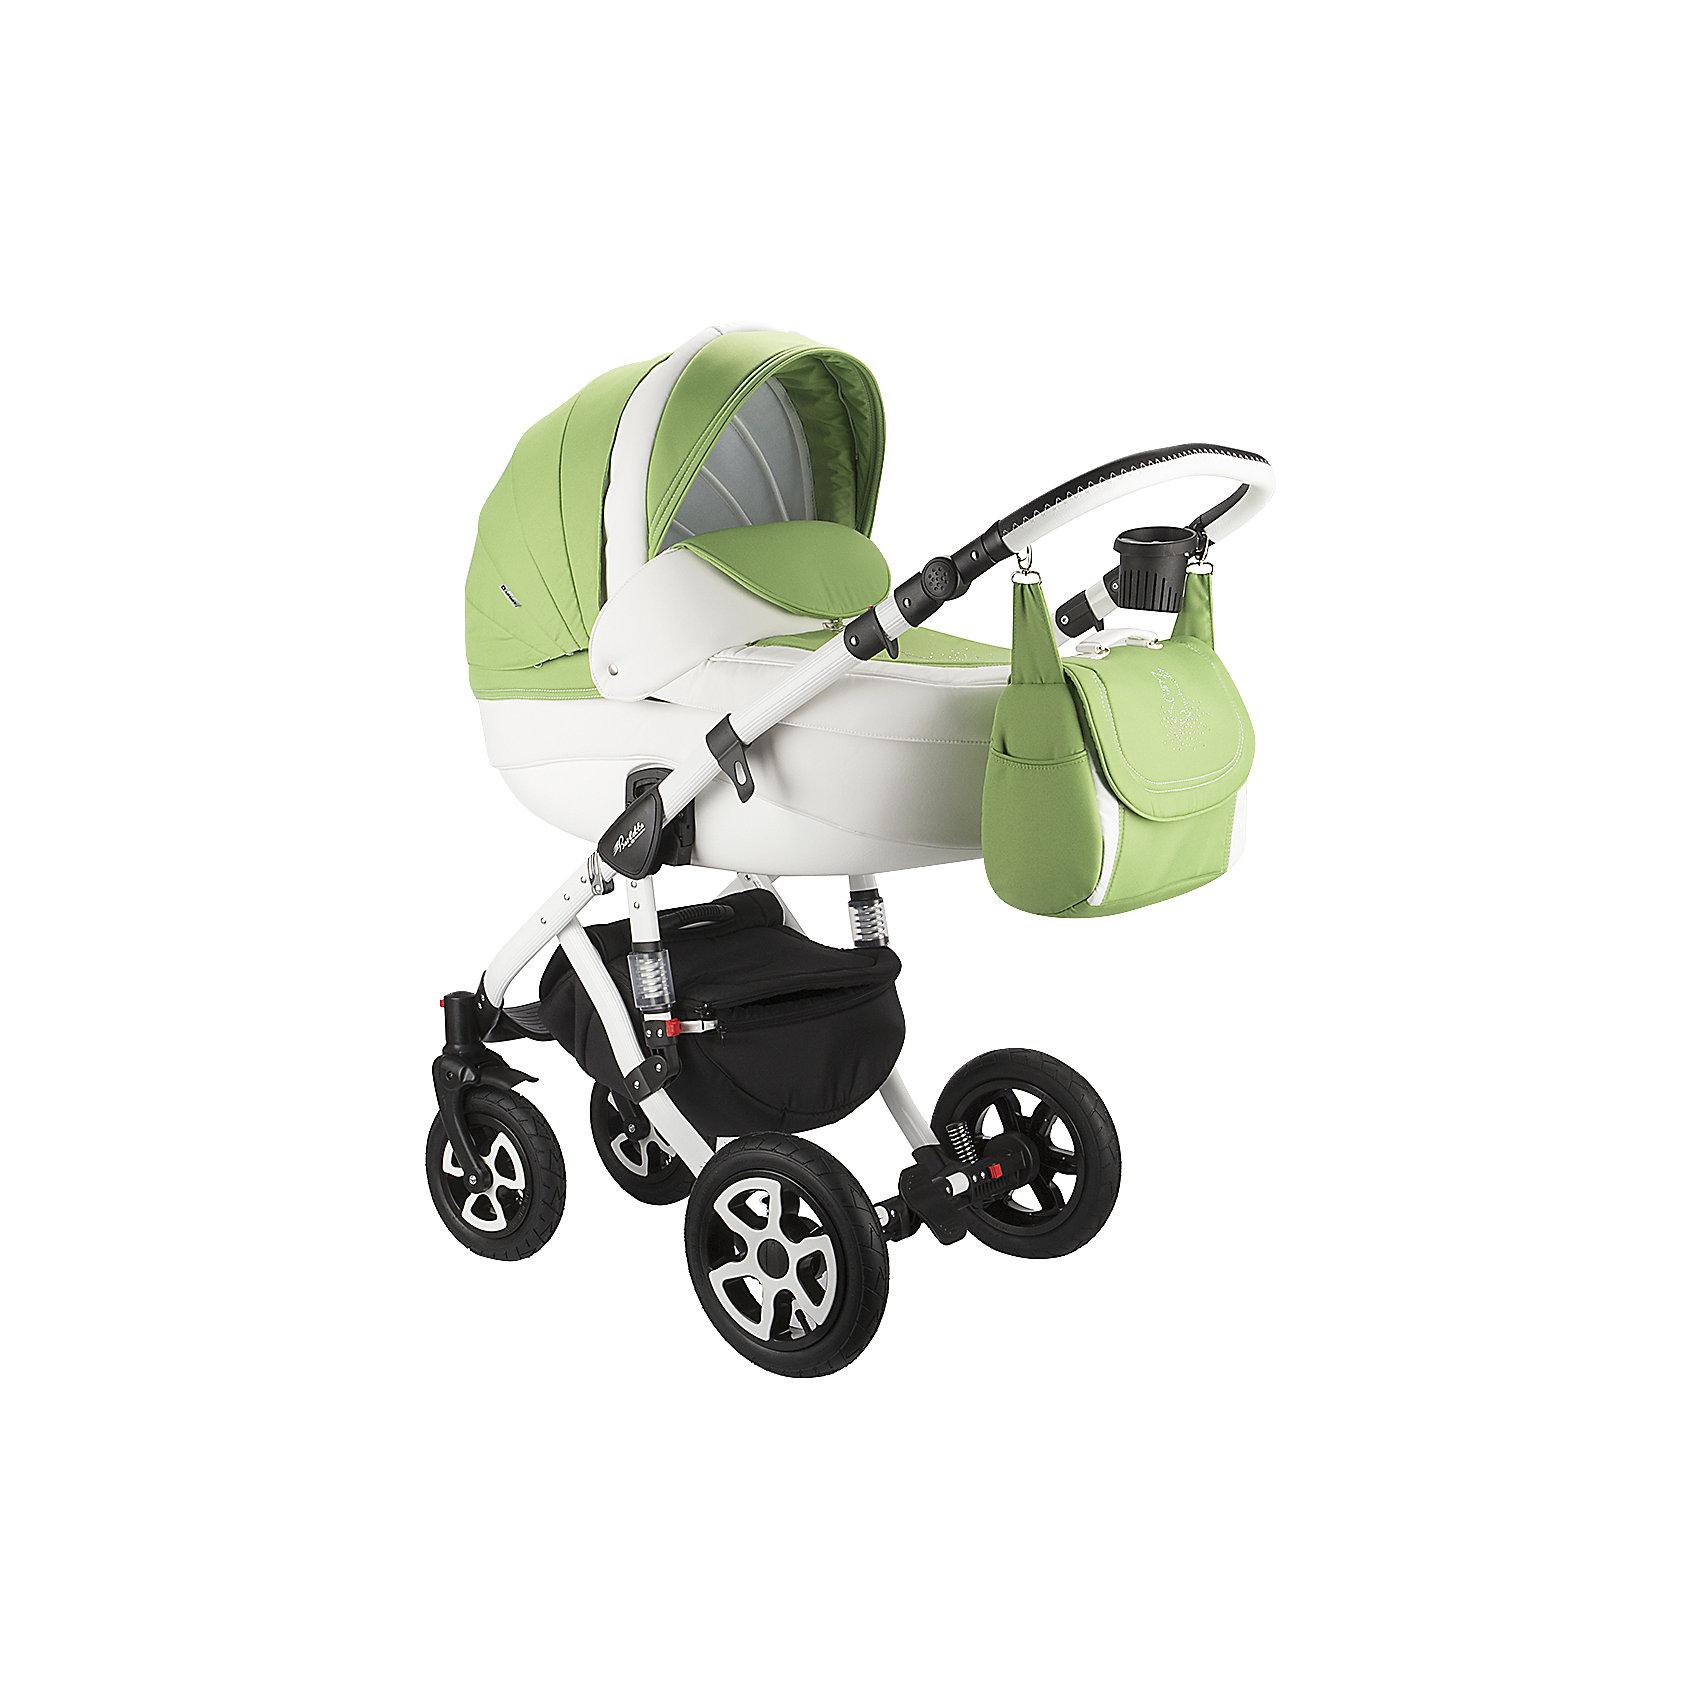 Коляска 2 в 1 Adamex Barletta, Лисёнок белый/зеленыйКоляски 2 в 1<br>Стильная коляска выполнена в современном и удобном дизайне. Прочная и удобная коляска позволит перевозить ребенка, не беспокоясь при этом о его безопасности. Приятный цвет коляски практичен и универсален. За счет продуманной формы колес и амортизации коляска отлично будет ехать как по не ровной дороге, так и по снегу. Коляска легкая и прочная.<br>На коляске - колеса разного размера, поэтому конструкция - очень устойчивая. Модель дополнена 5-точечными ремнями безопасности. Изделие произведено из качественных и безопасных для малышей материалов, оно соответствуют всем современным требованиям безопасности.<br><br>Дополнительная информация:<br><br>цвет: белый, зеленый;<br>механизм складывания: книжка; <br>тип колес: надувные; <br>пятиточечные ремни безопасности; <br>четыре положения спинки; <br>регулировка положений ручки и подножки; <br>материал рамы: алюминий; <br>съёмный бампер; <br>мягкие накладки на внутренних ремнях безопасности; <br>передние колеса поворотные с возможностью фиксации; <br>система амортизации - пружины;<br>вес: 15.4 кг; <br>размер коляски: 106х124х60 см. <br><br>Коляска 2 в 1 Barletta, Лисёнок белый/зеленый от компании Adamex можно купить в нашем магазине.<br><br>Ширина мм: 970<br>Глубина мм: 600<br>Высота мм: 660<br>Вес г: 20700<br>Возраст от месяцев: 0<br>Возраст до месяцев: 36<br>Пол: Женский<br>Возраст: Детский<br>SKU: 4778499